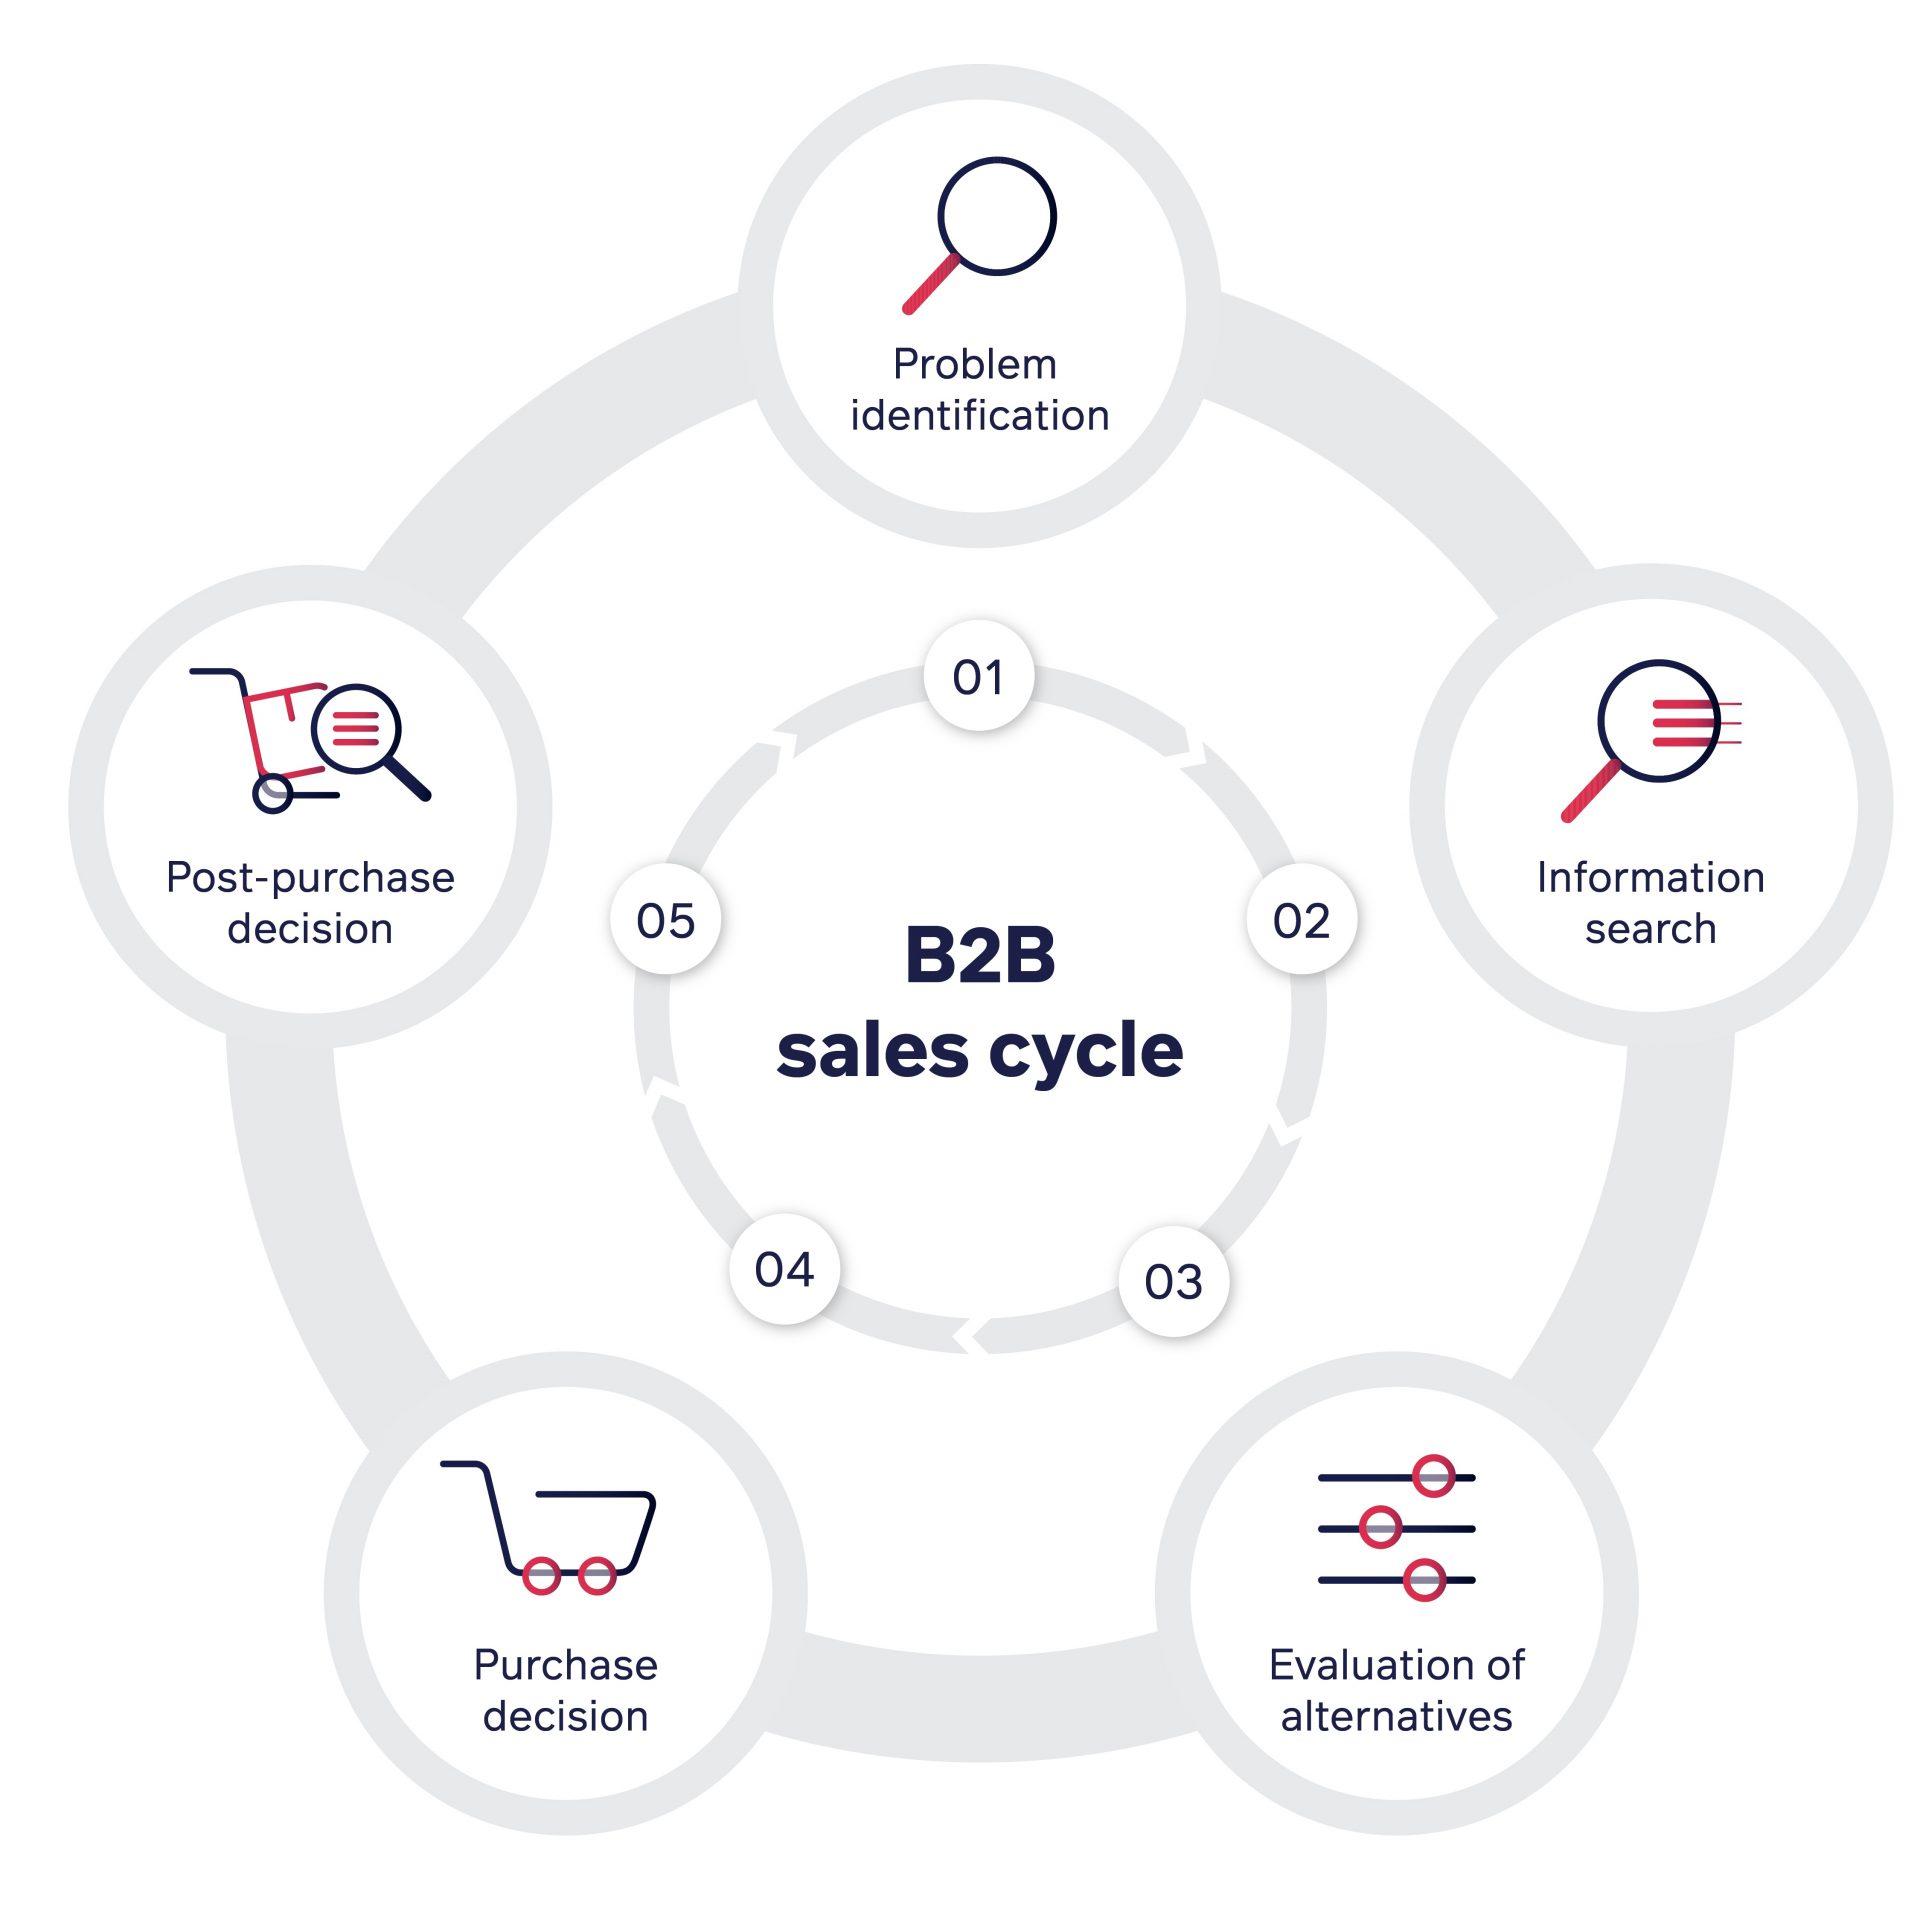 Der B2B-Kaufprozess besteht aus 5 Phasen: 1. Problemidentifikation 2. Informationssuche 3. Bewertung der Alternativen 4. Kaufentscheidung 5. Entscheidung nach dem Kauf Der B2B-Kaufprozess kann Wochen oder sogar Monate dauern. Von der Lead-Generierung bis zum Abschluss gibt es eine Menge komplizierter Prozesse und Stakeholder.